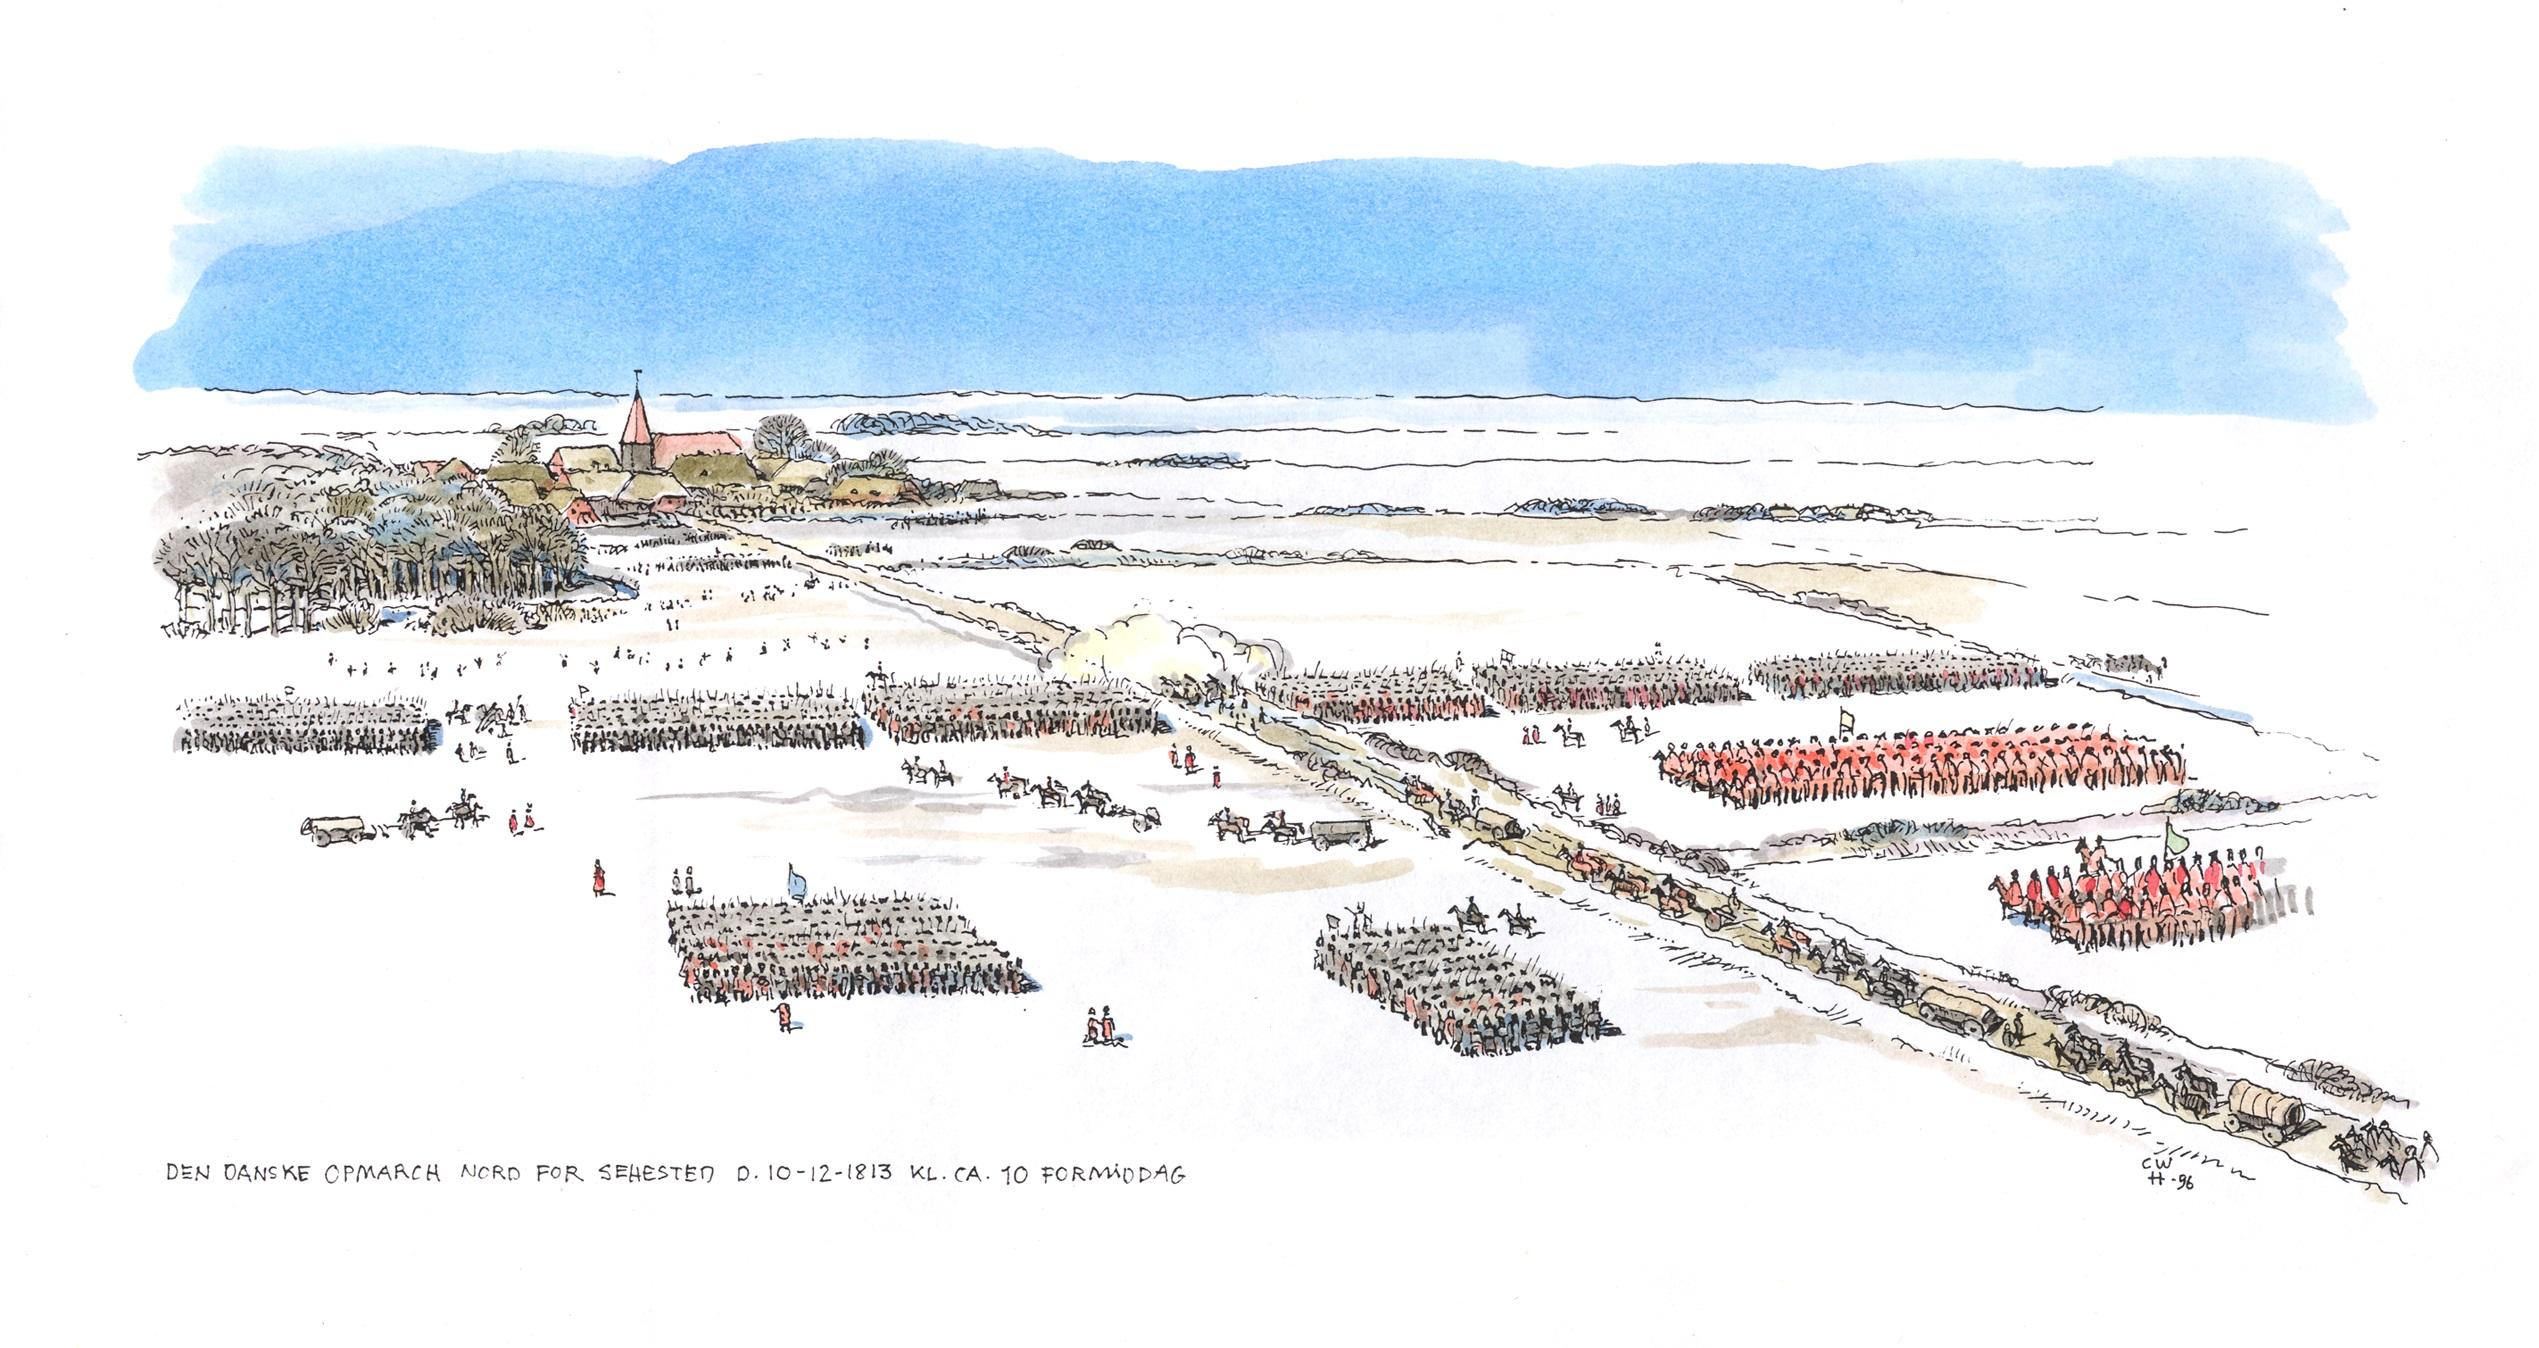 Den-danske-opmarch-nord-for-Sehested-10.12.1813-kl.-ca.-10-formiddag-2